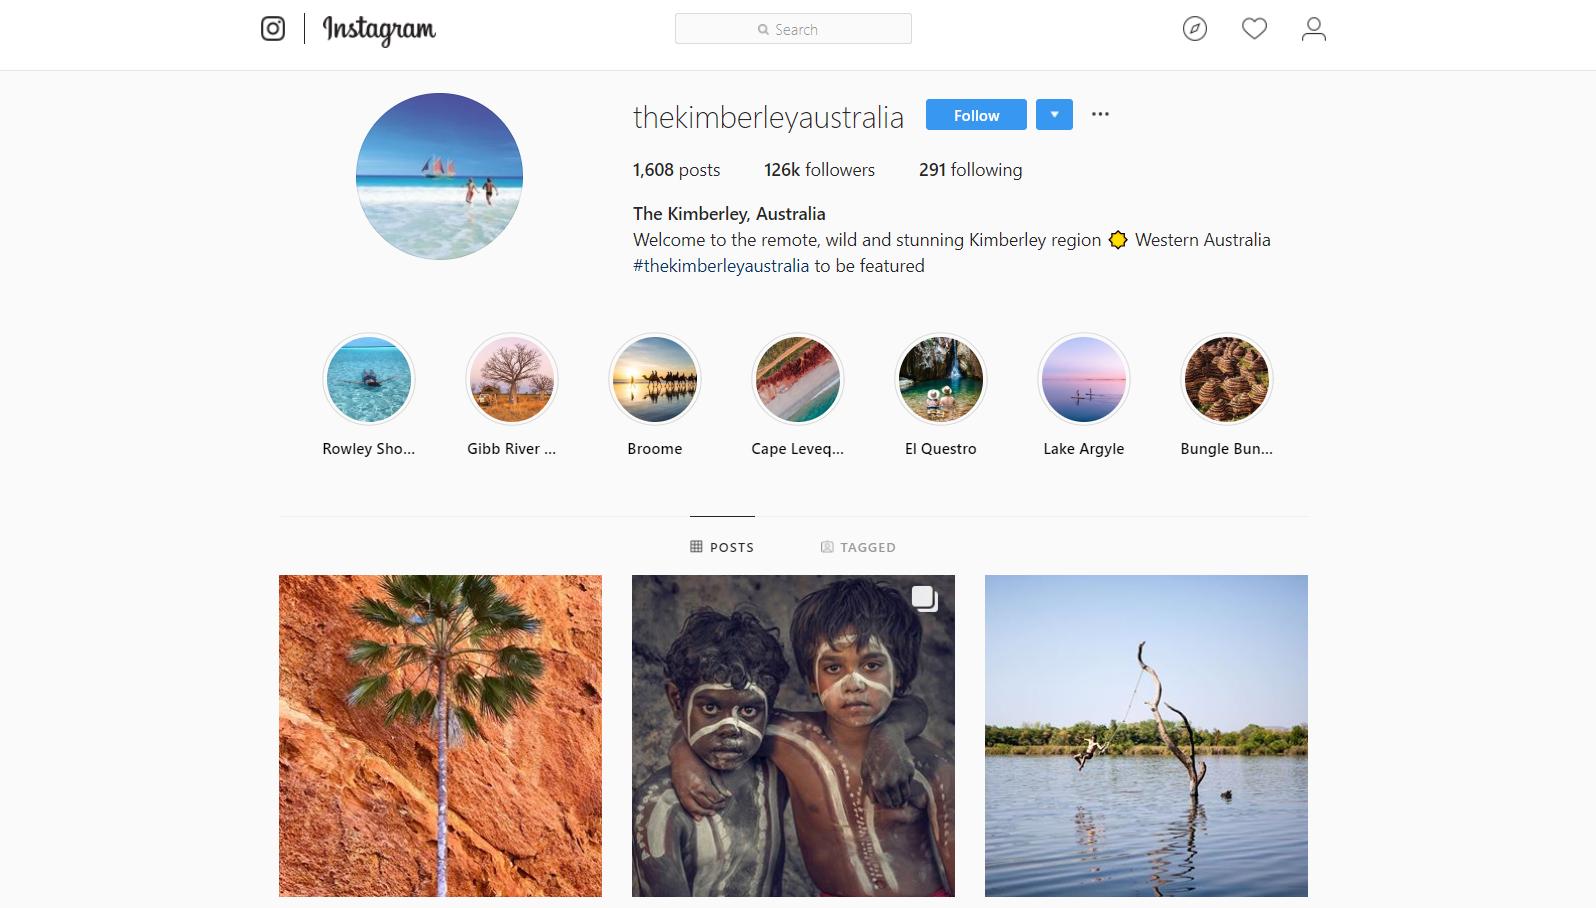 Instagram-thekimberleyaustralia.jpg